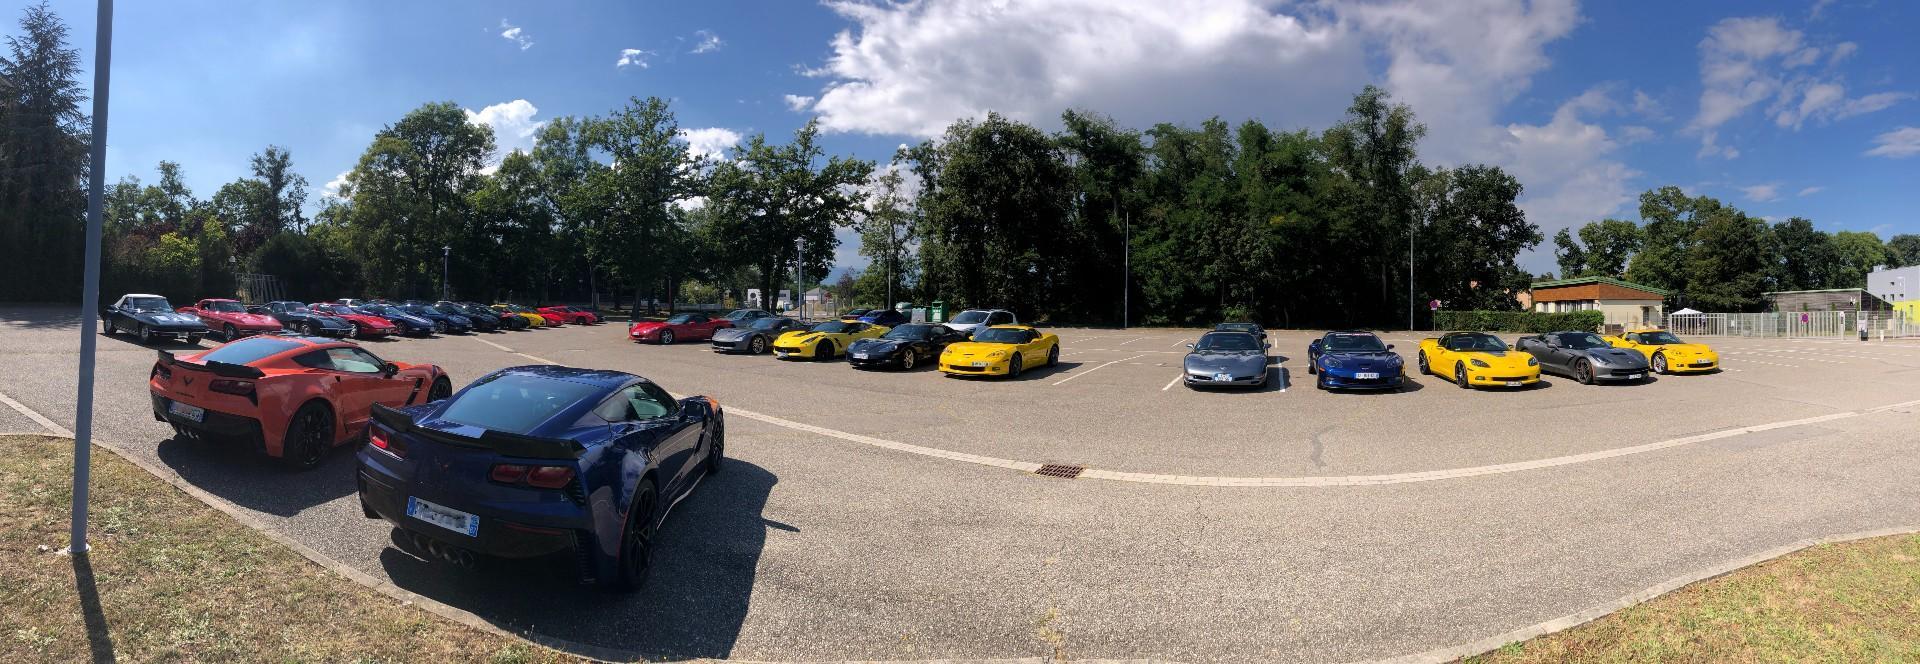 Corvette day